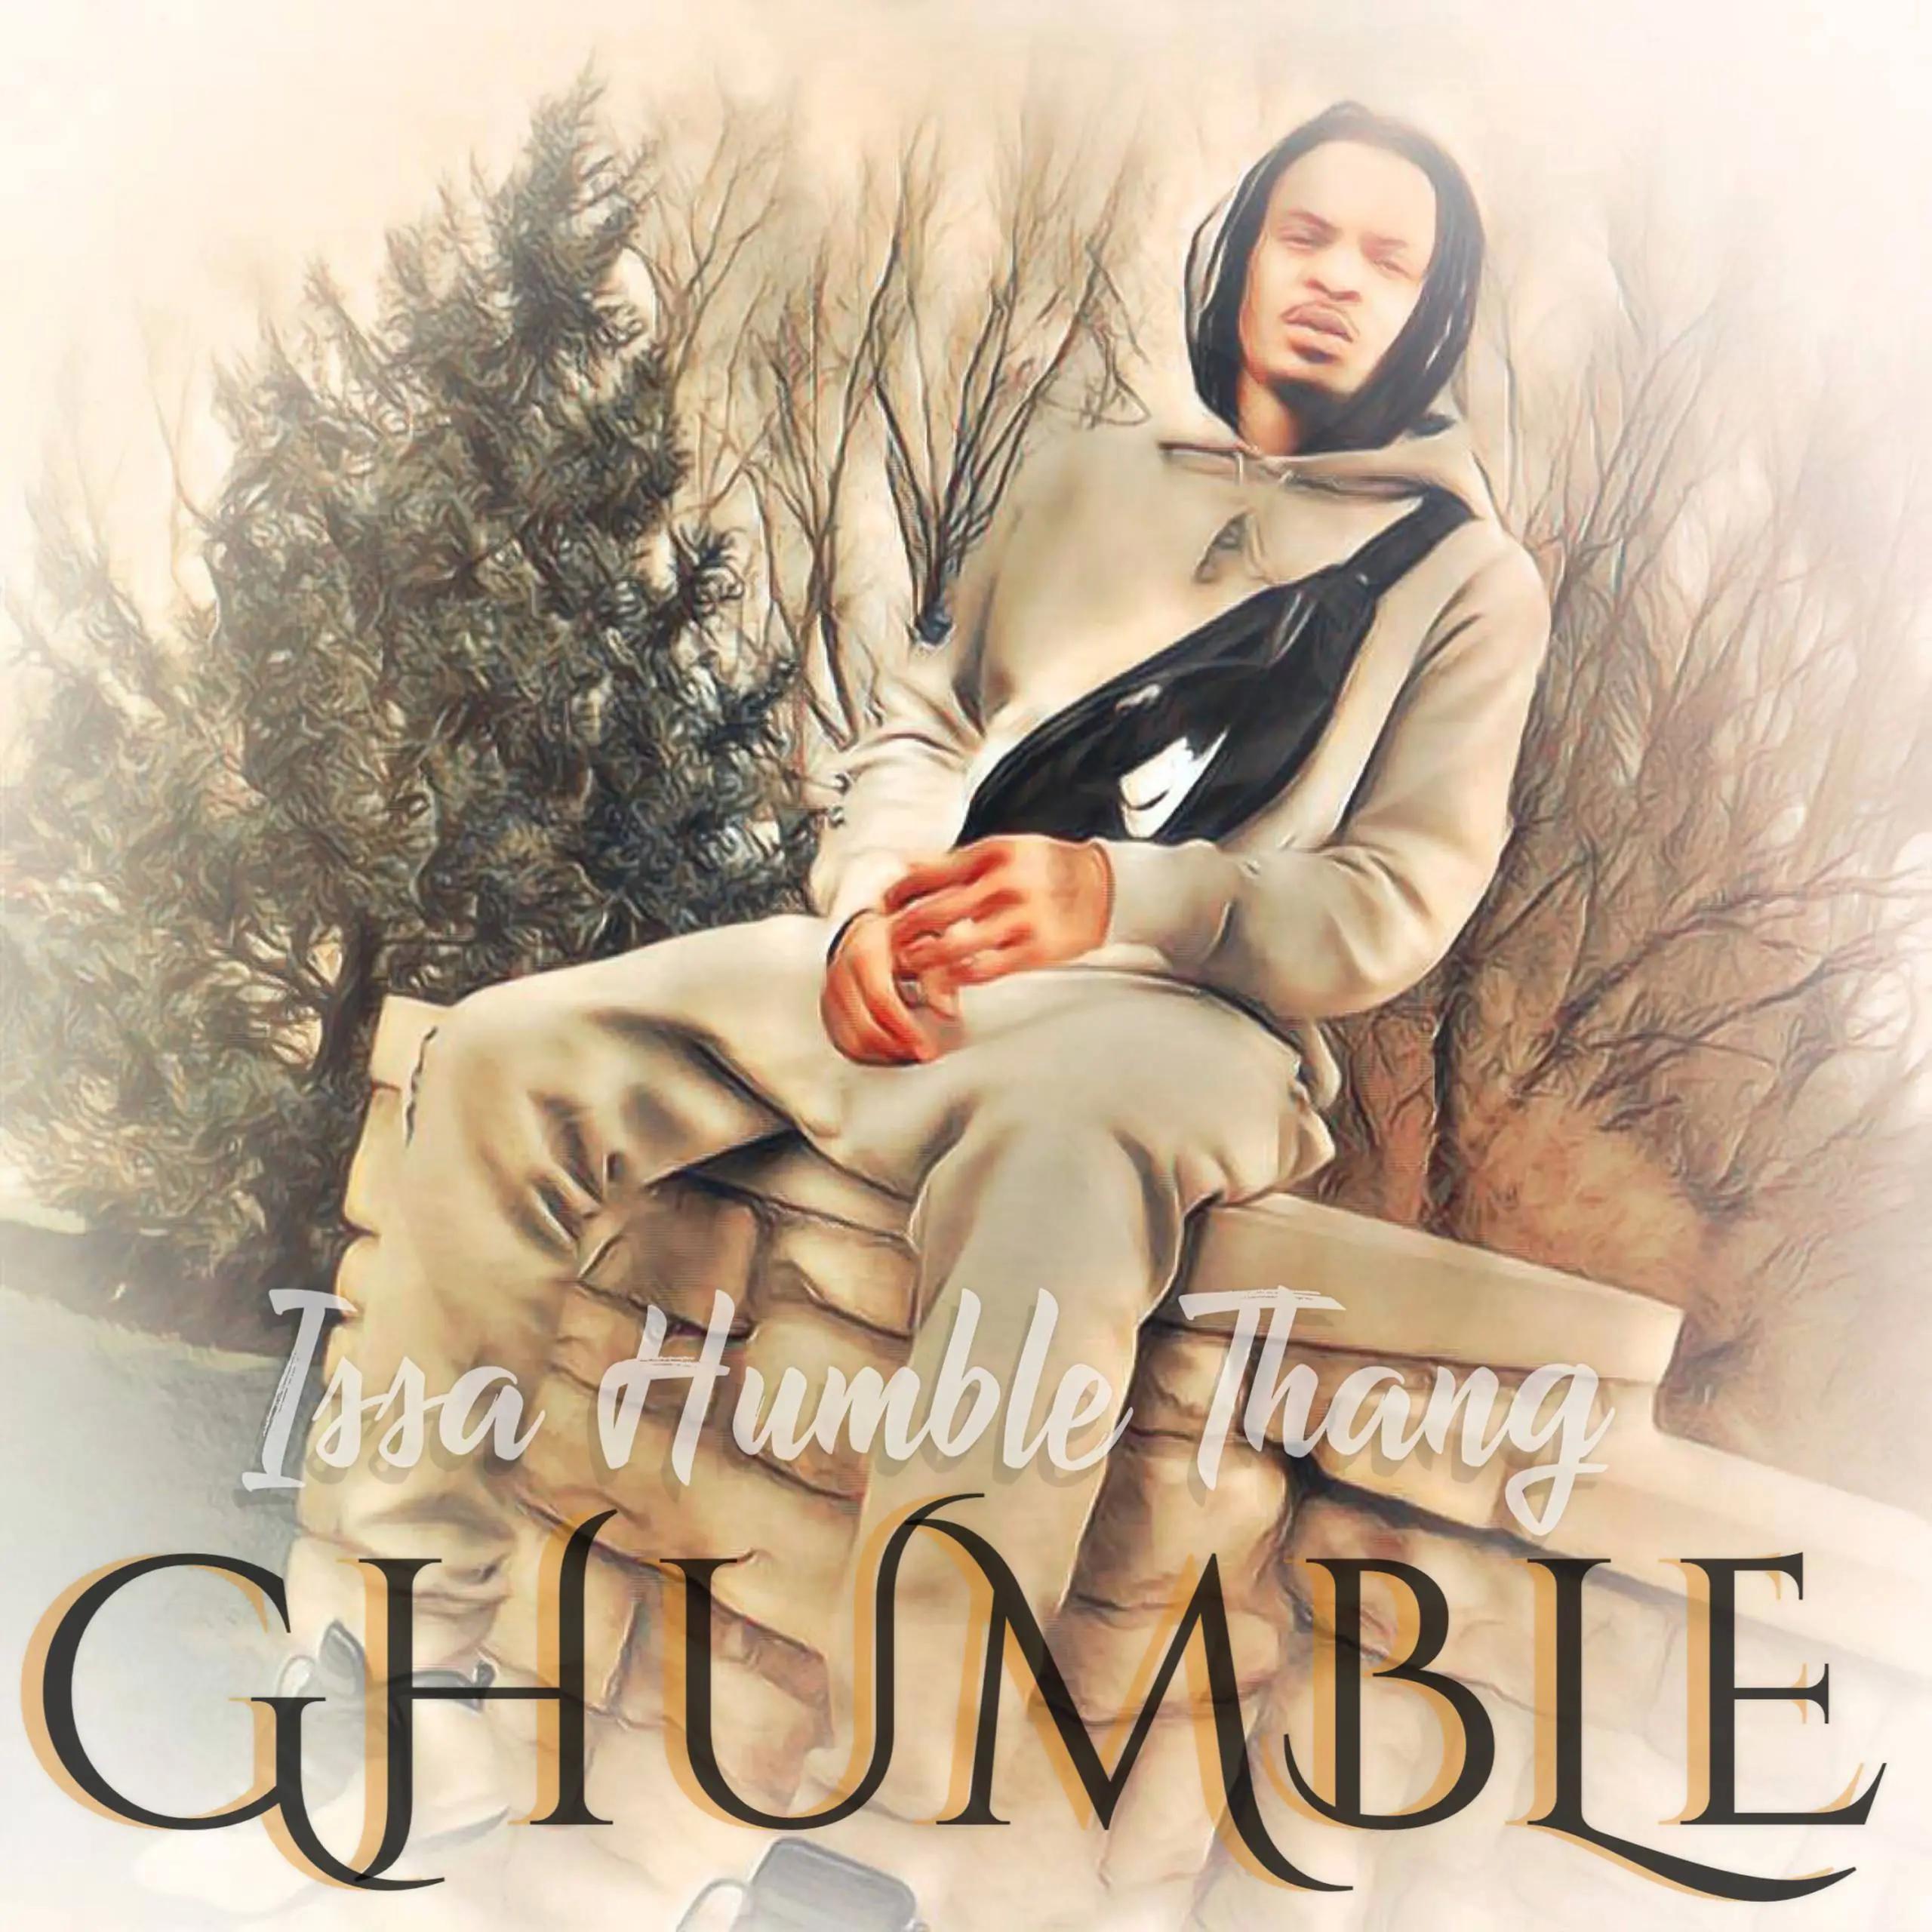 Issa a Humble Thang